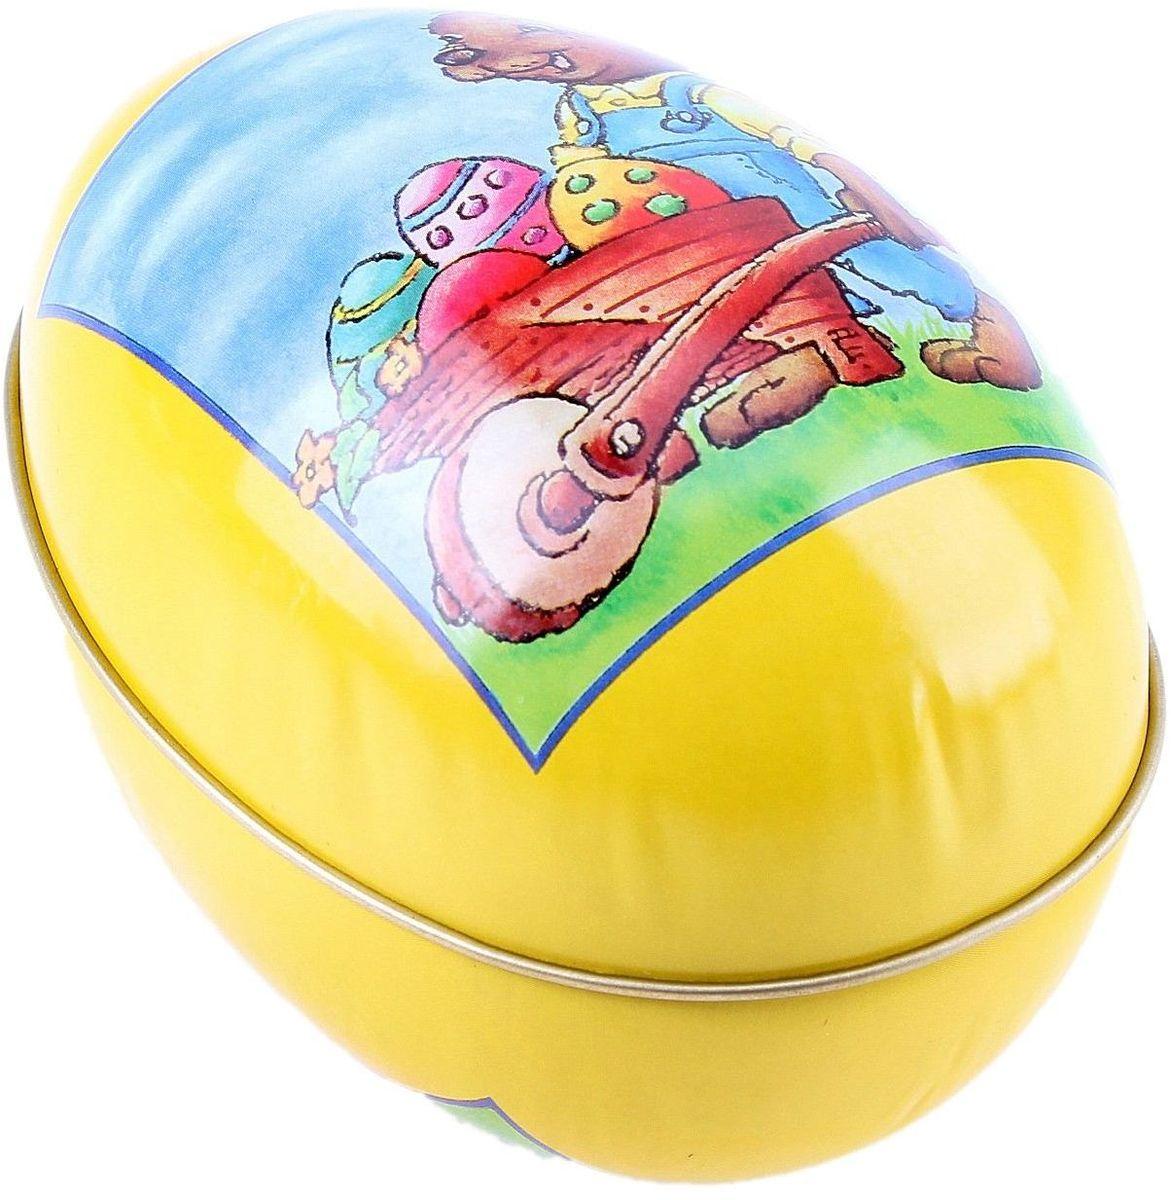 Шкатулка-яйцо Пасха. Зайчик с тележкой яиц, 12,2 х 8 см. 117631117631Пасхальное яйцо — символ жизни и возрождения, ведь именно в Пасху традиционно дарят крашеные или расписные яйца. А в такую забавную шкатулочку можно положить одно из таких яиц и преподнести своему самому родному и близкому человеку, такой презент никогда не забудется, и будет отличаться от других поздравлений.